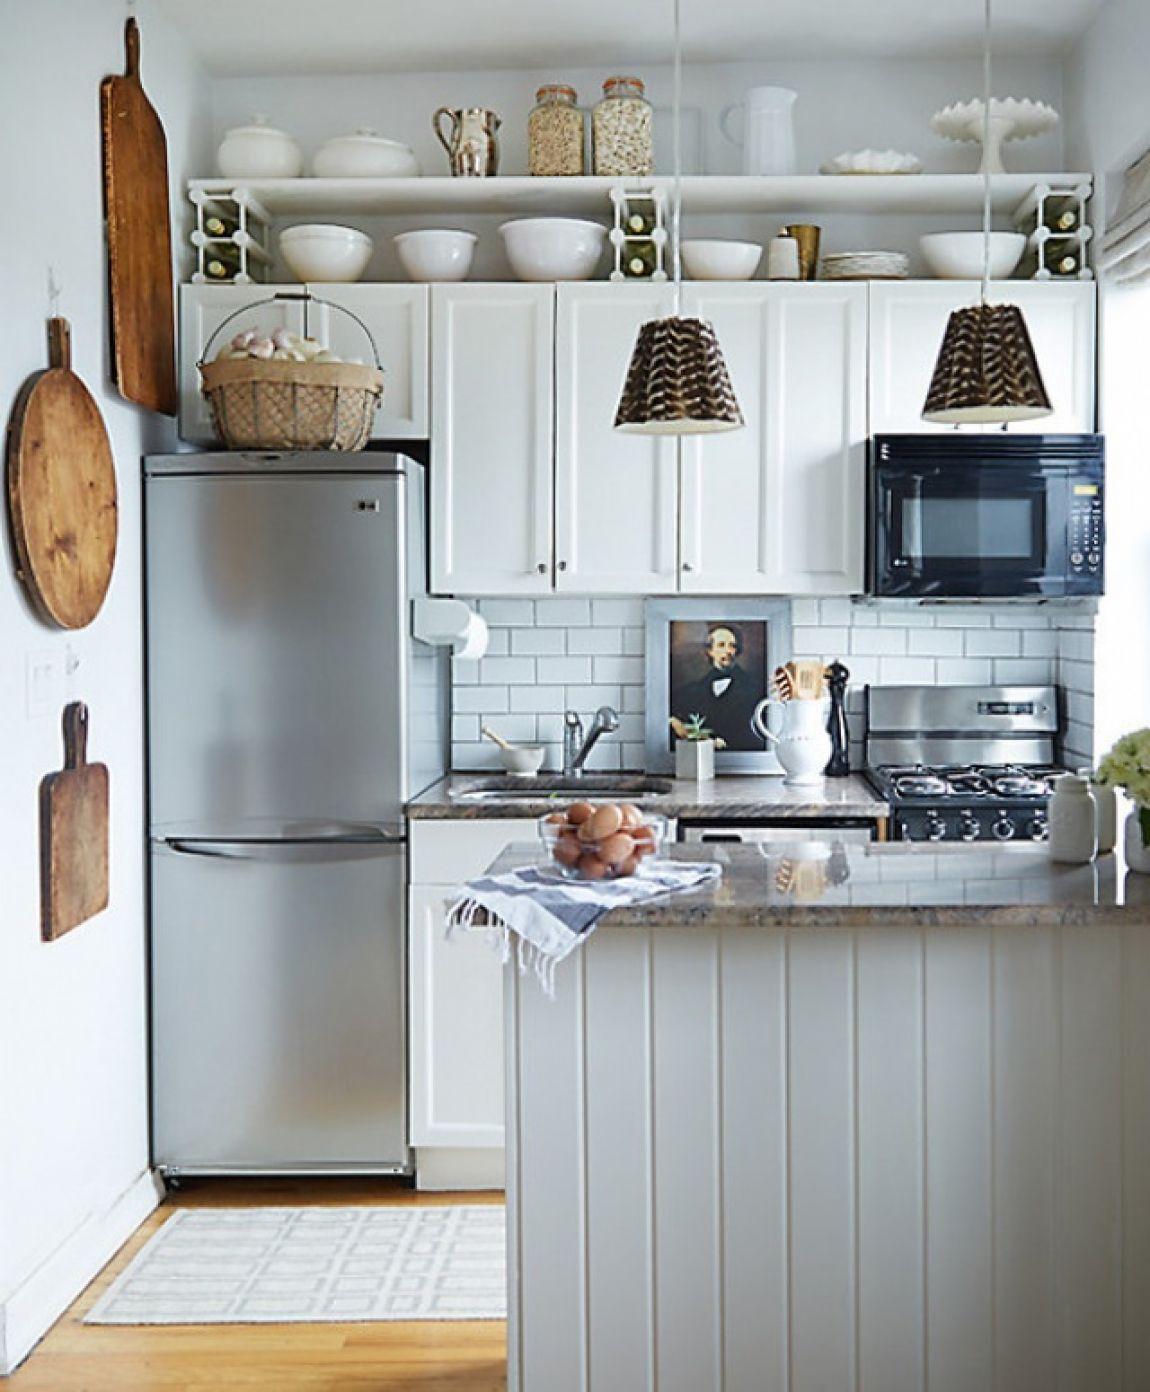 Pin by sklontrowana on Małe kuchnie | Pinterest | Forts